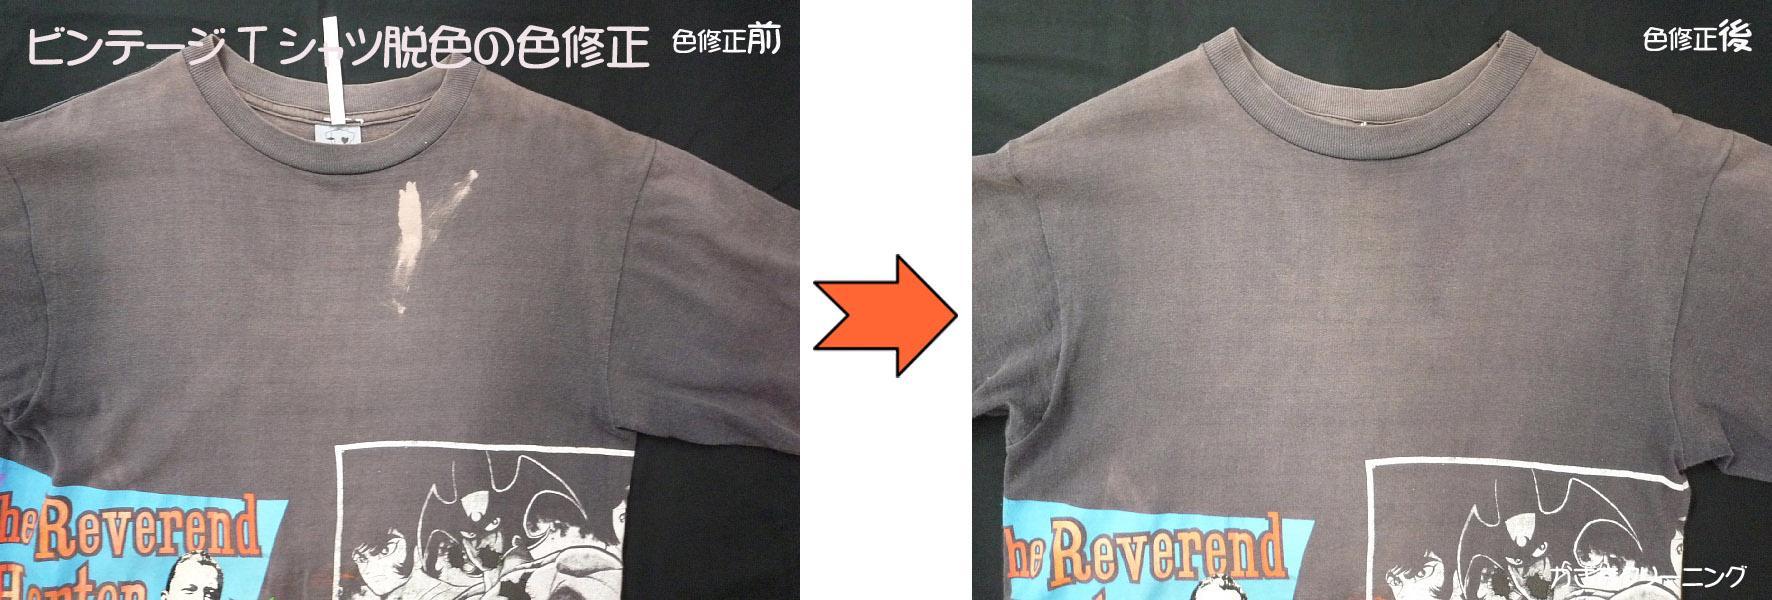 ビンテージ Tシャツ脱色の色修正